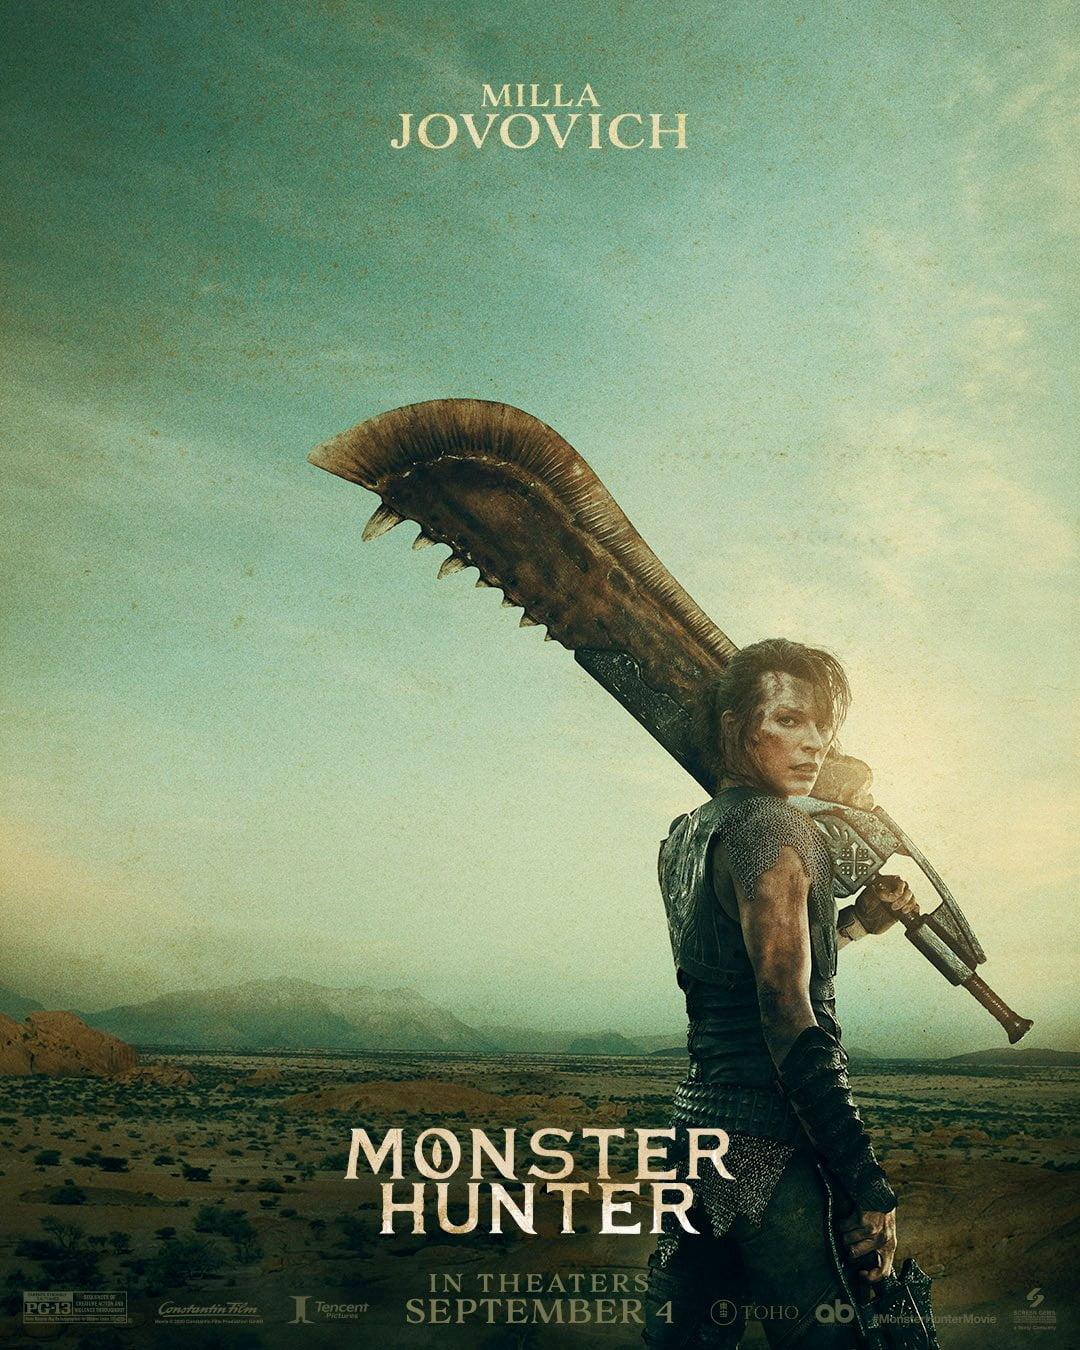 Filme de Monster Hunter ganha pôsteres com Milla e Tony 1